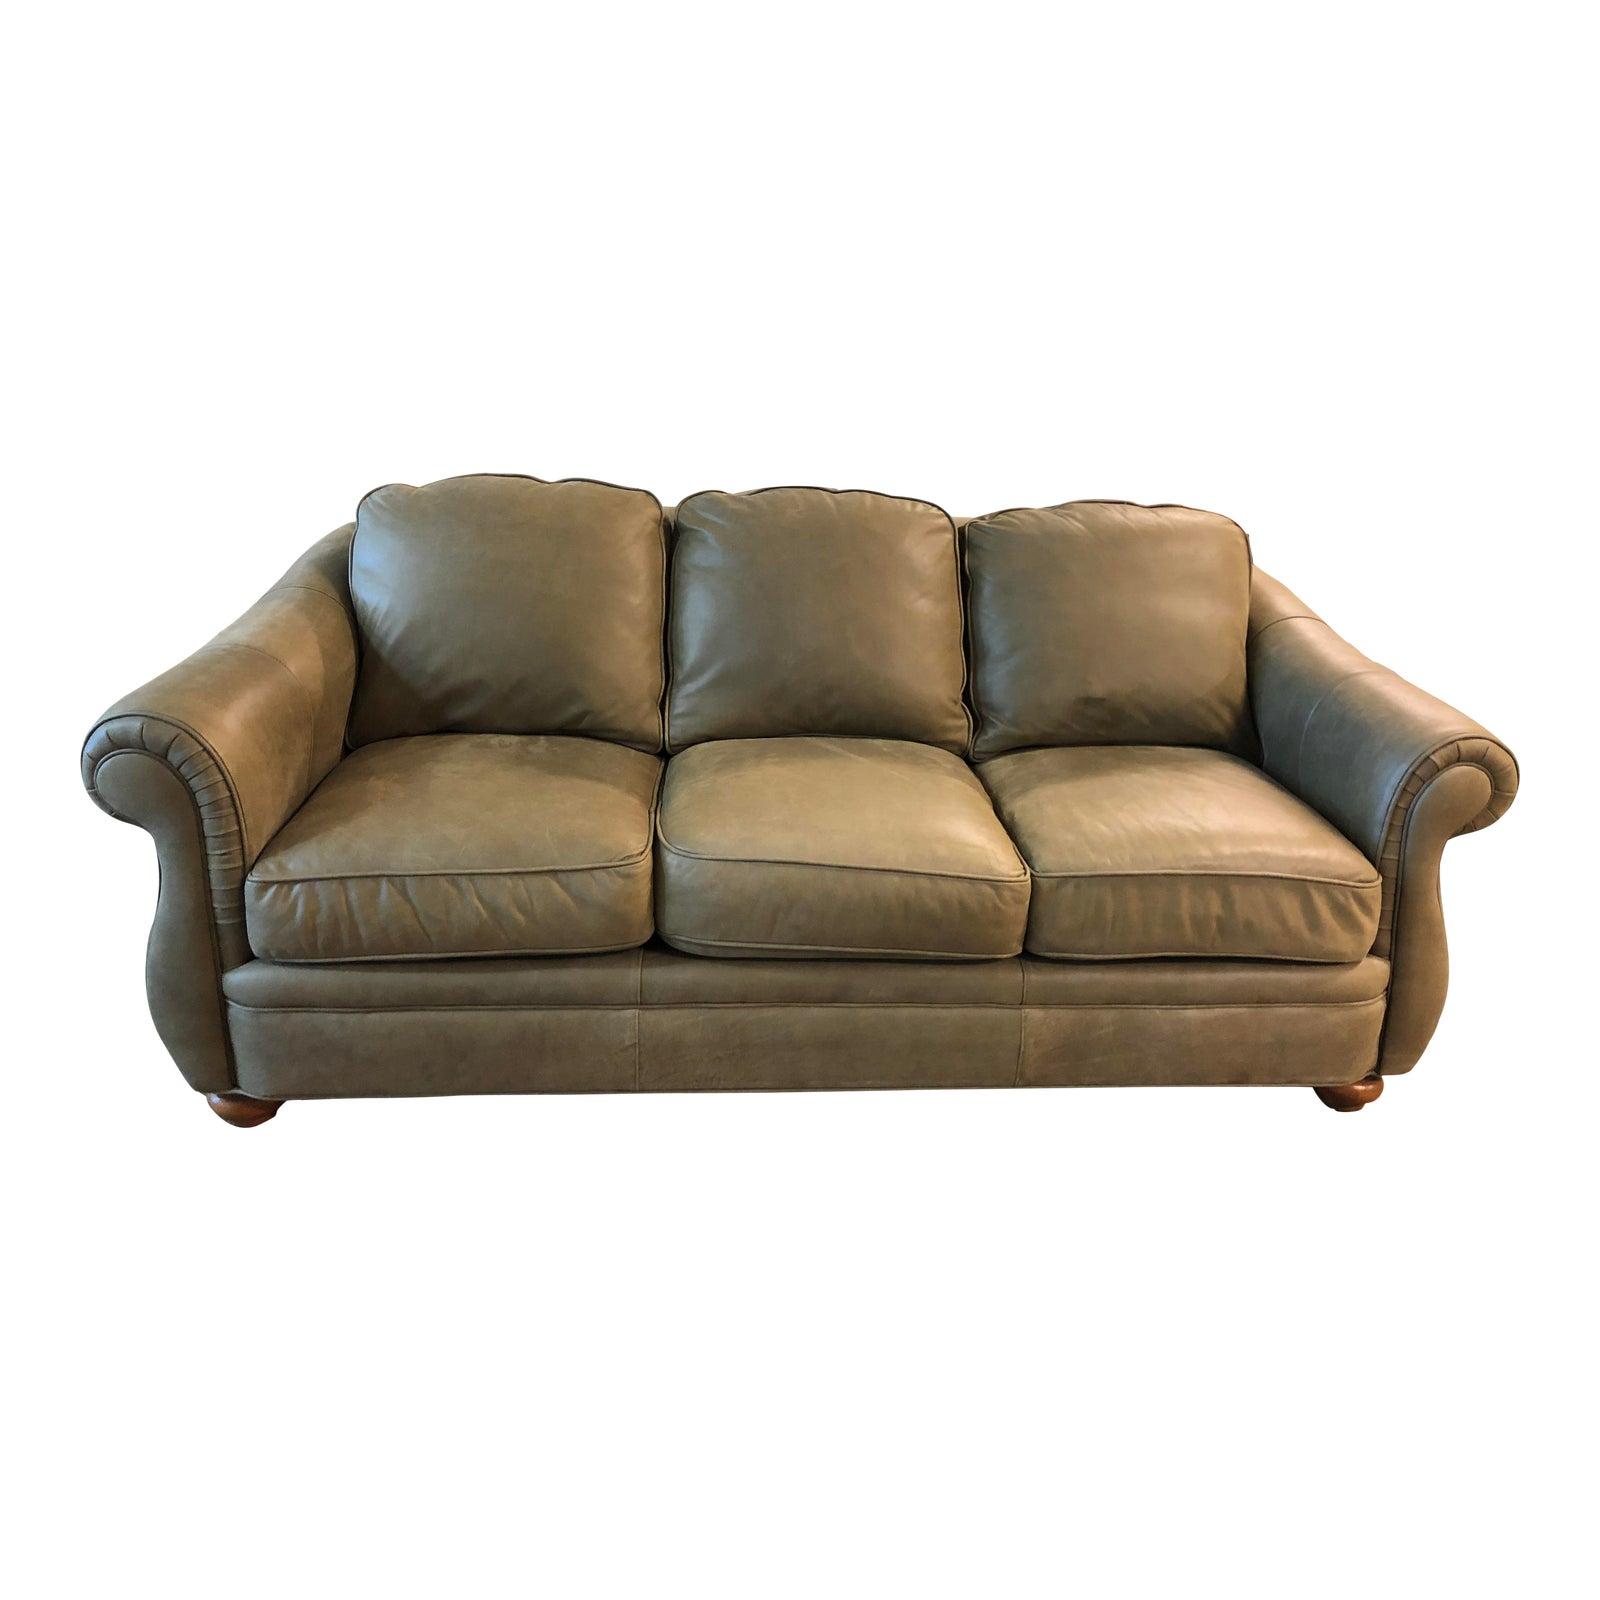 Admirable Bradington Young Full Hide Nubuck Leather Sofa Short Links Chair Design For Home Short Linksinfo